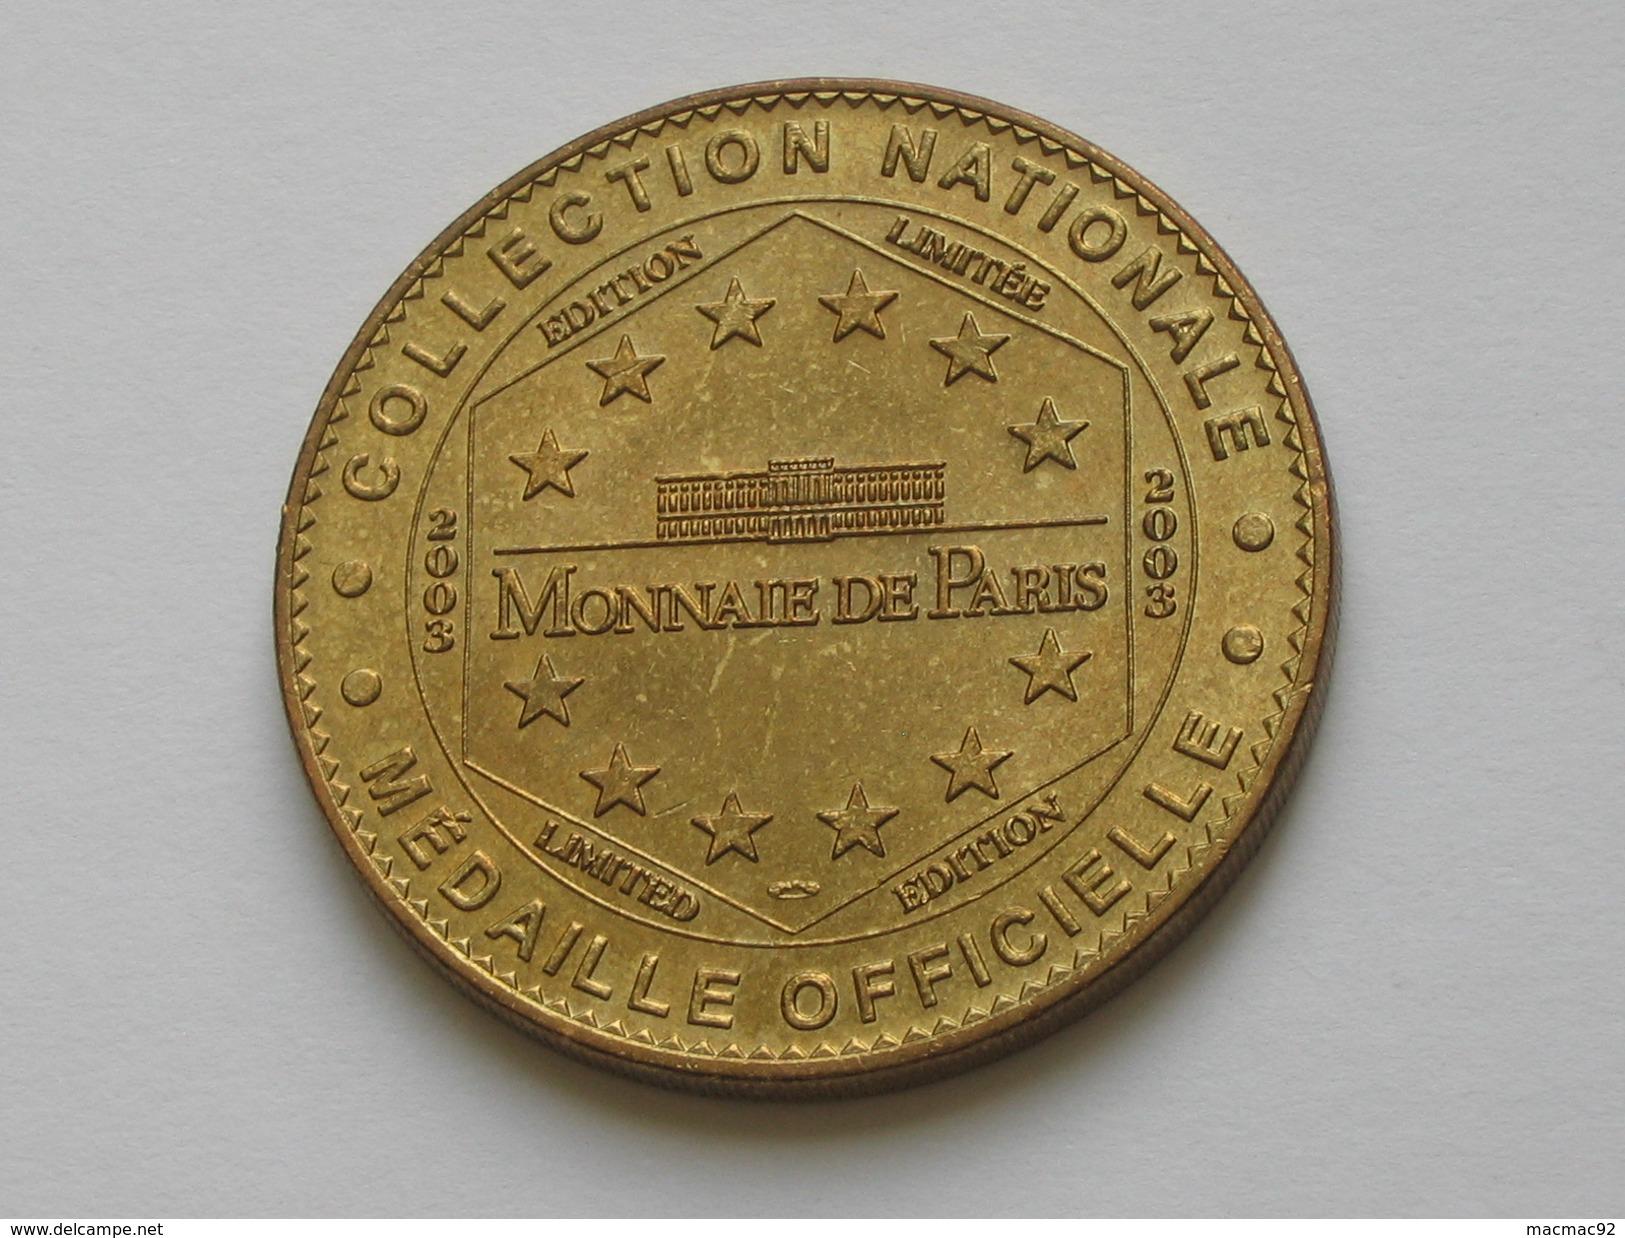 Monnaie De Paris  2003 -CLERMONT-FERRAND Ville D'art    **** EN ACHAT IMMEDIAT  **** - Monnaie De Paris